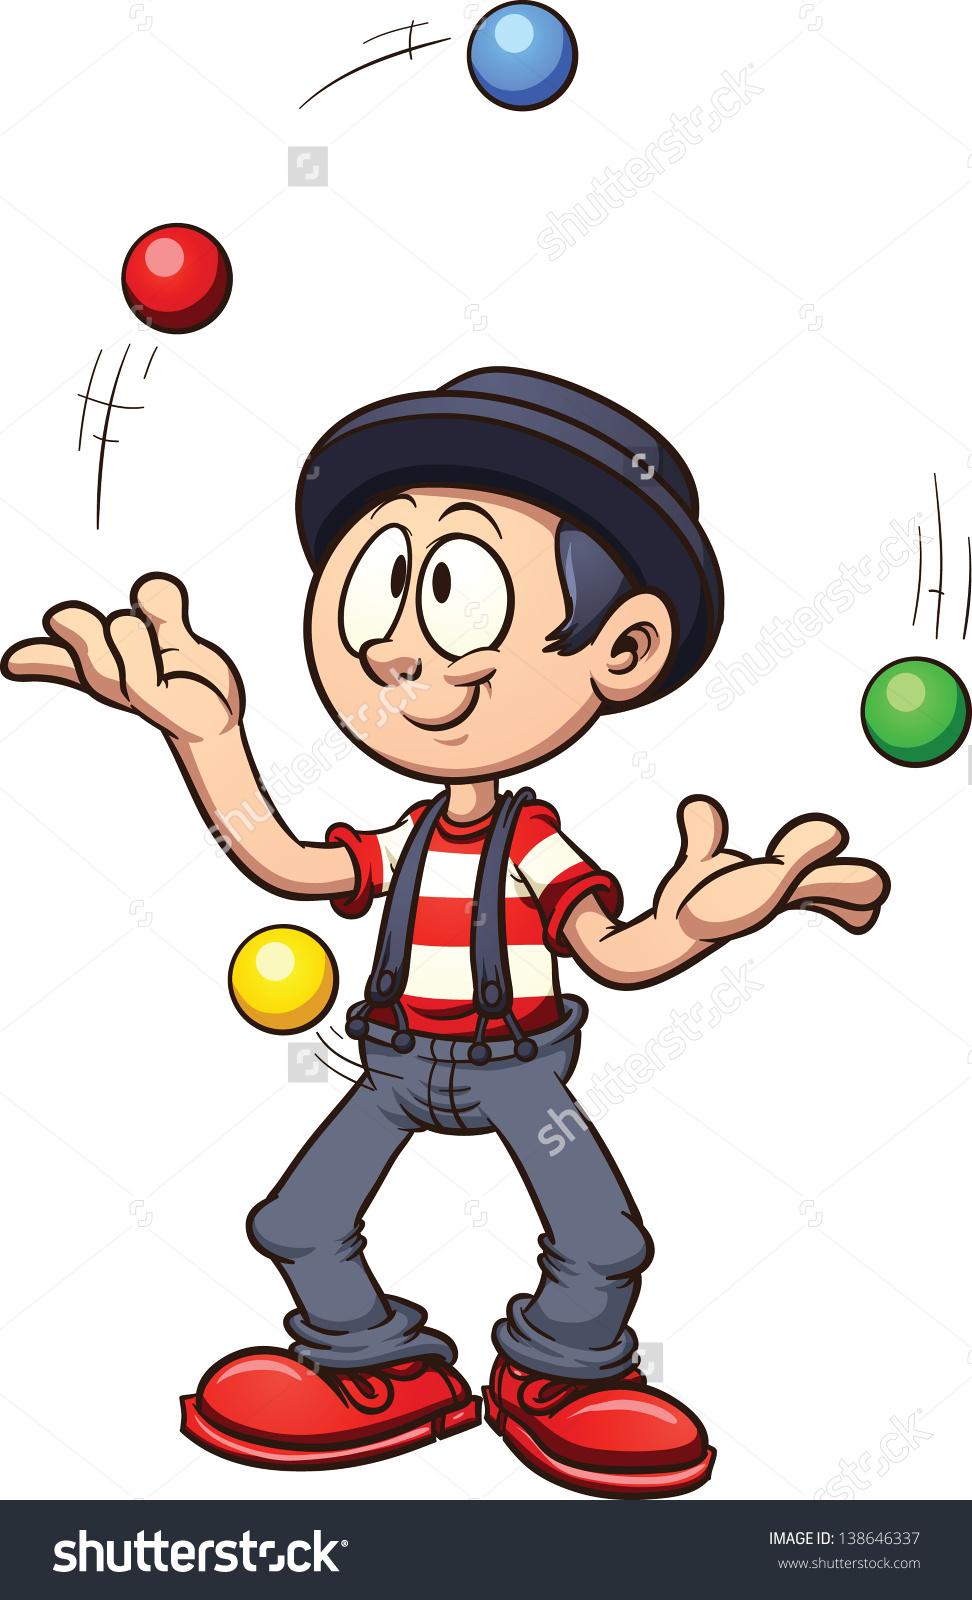 Juggler clip art.